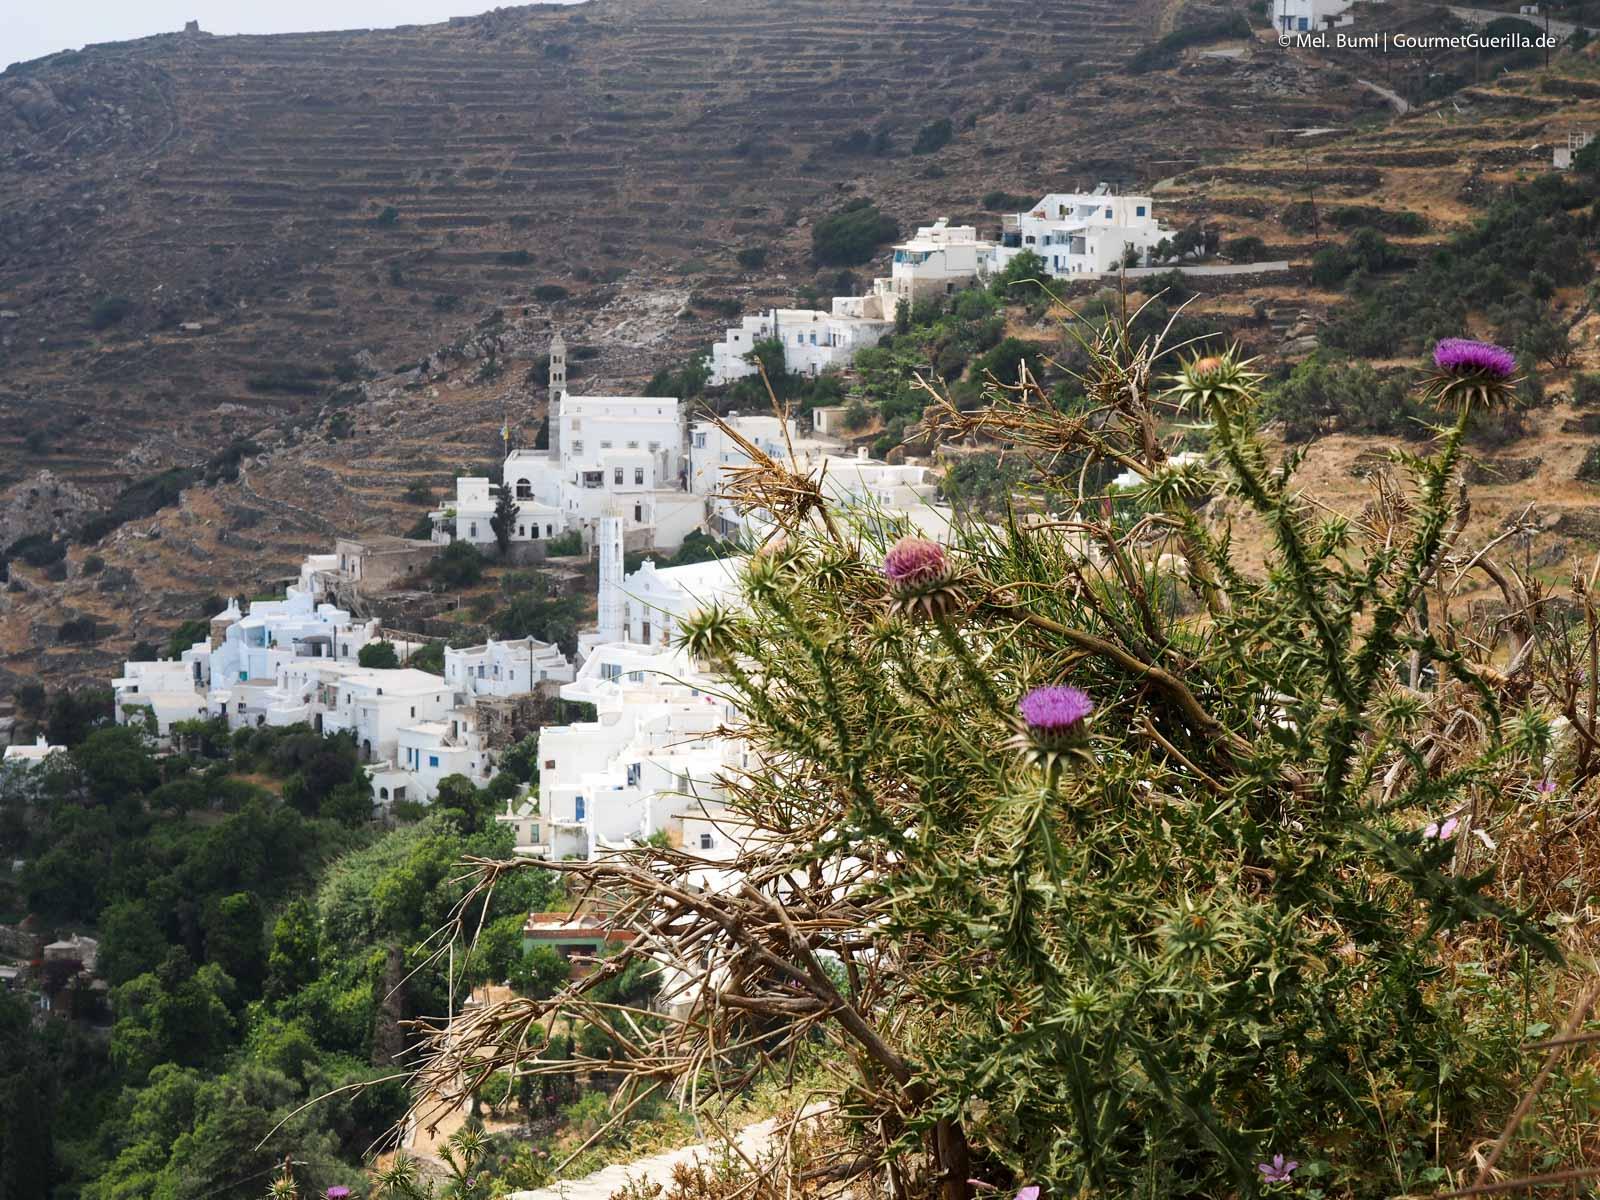 Reisebericht Tinos Foodpath griechische Insel Kykladen Griechenland |GourmetGuerilla.de